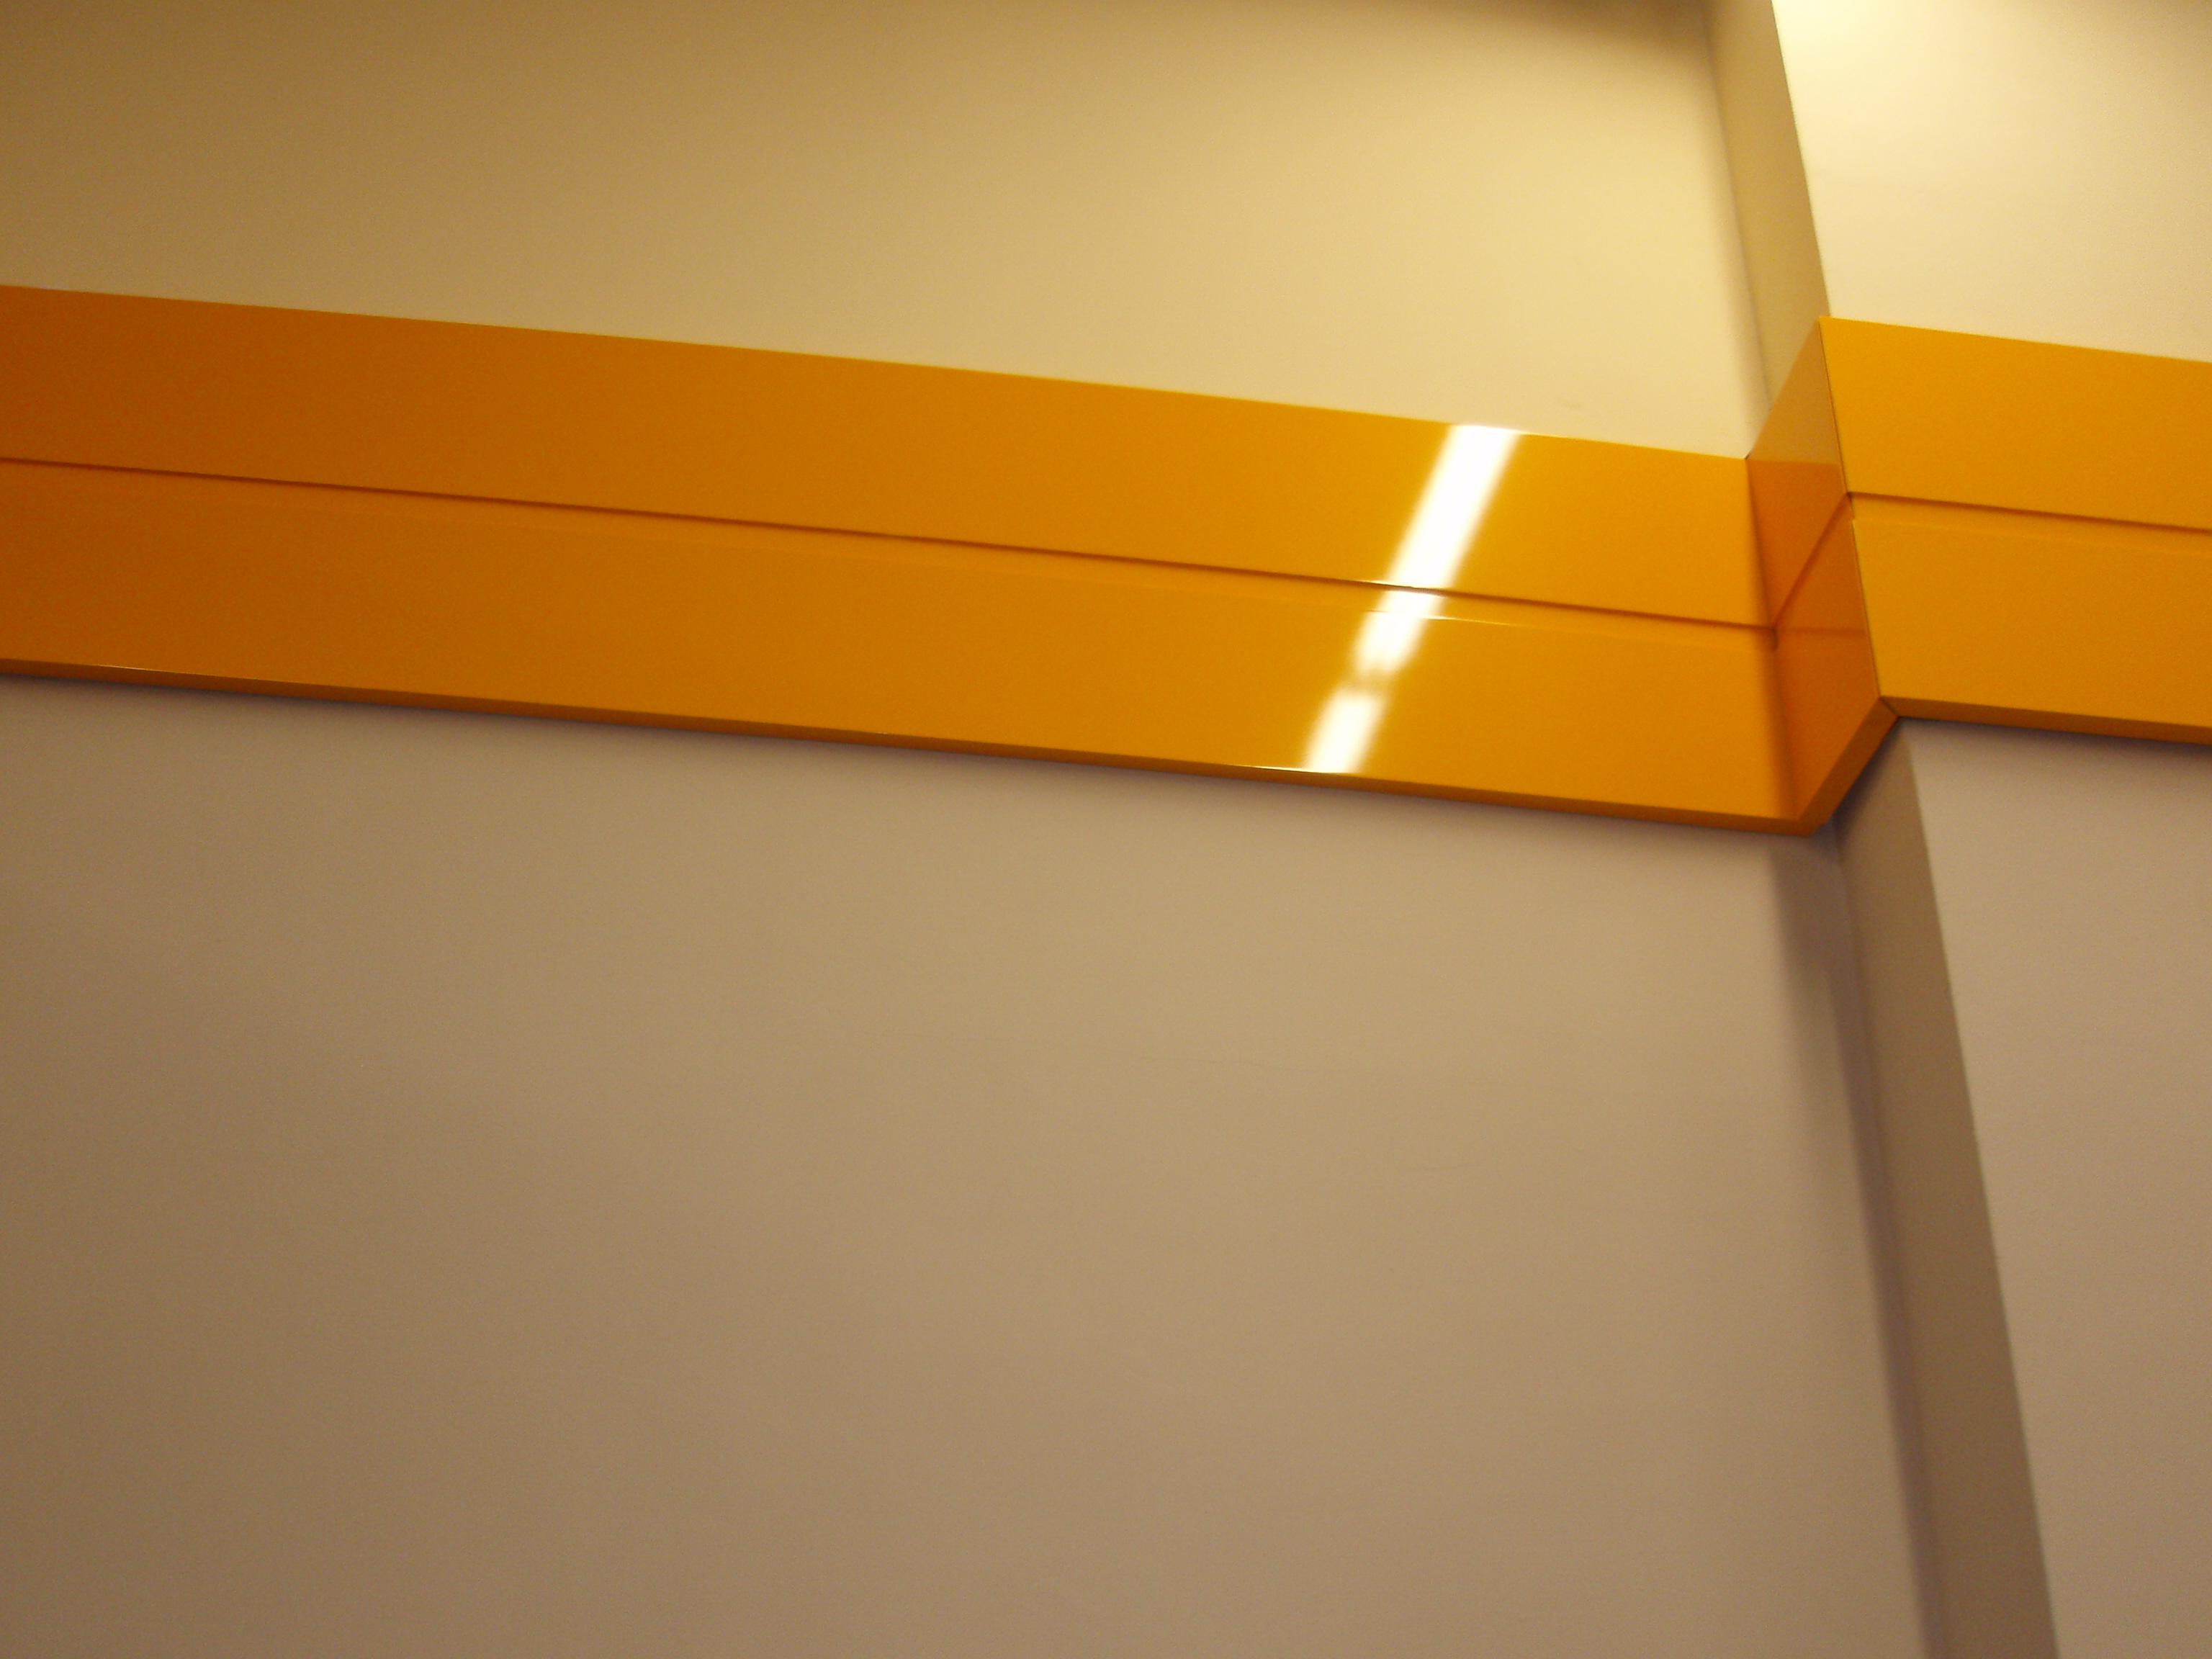 Смонтированная композитная панель